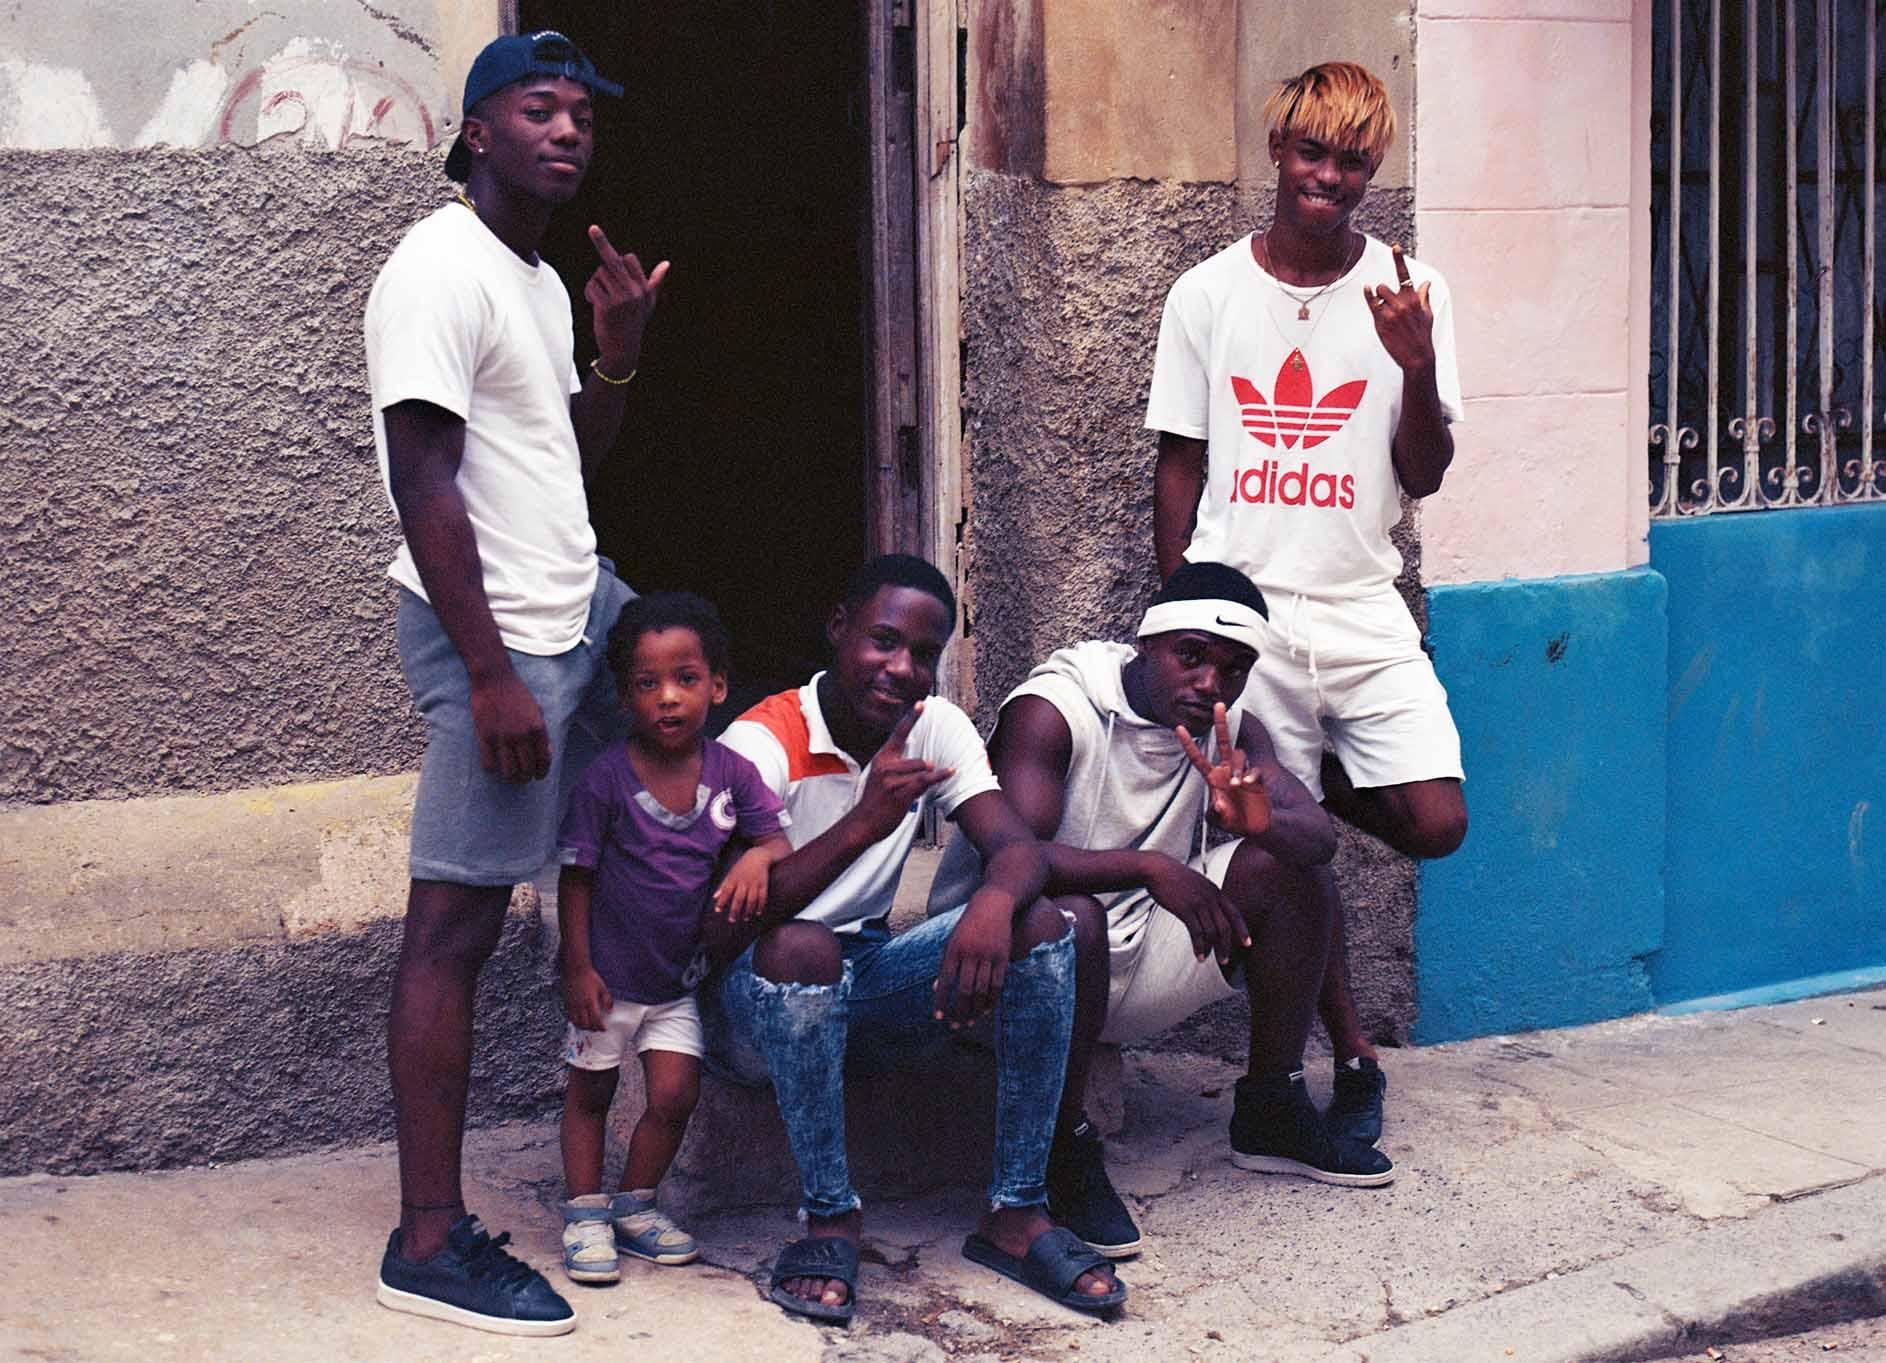 CUBA_11_010.jpg